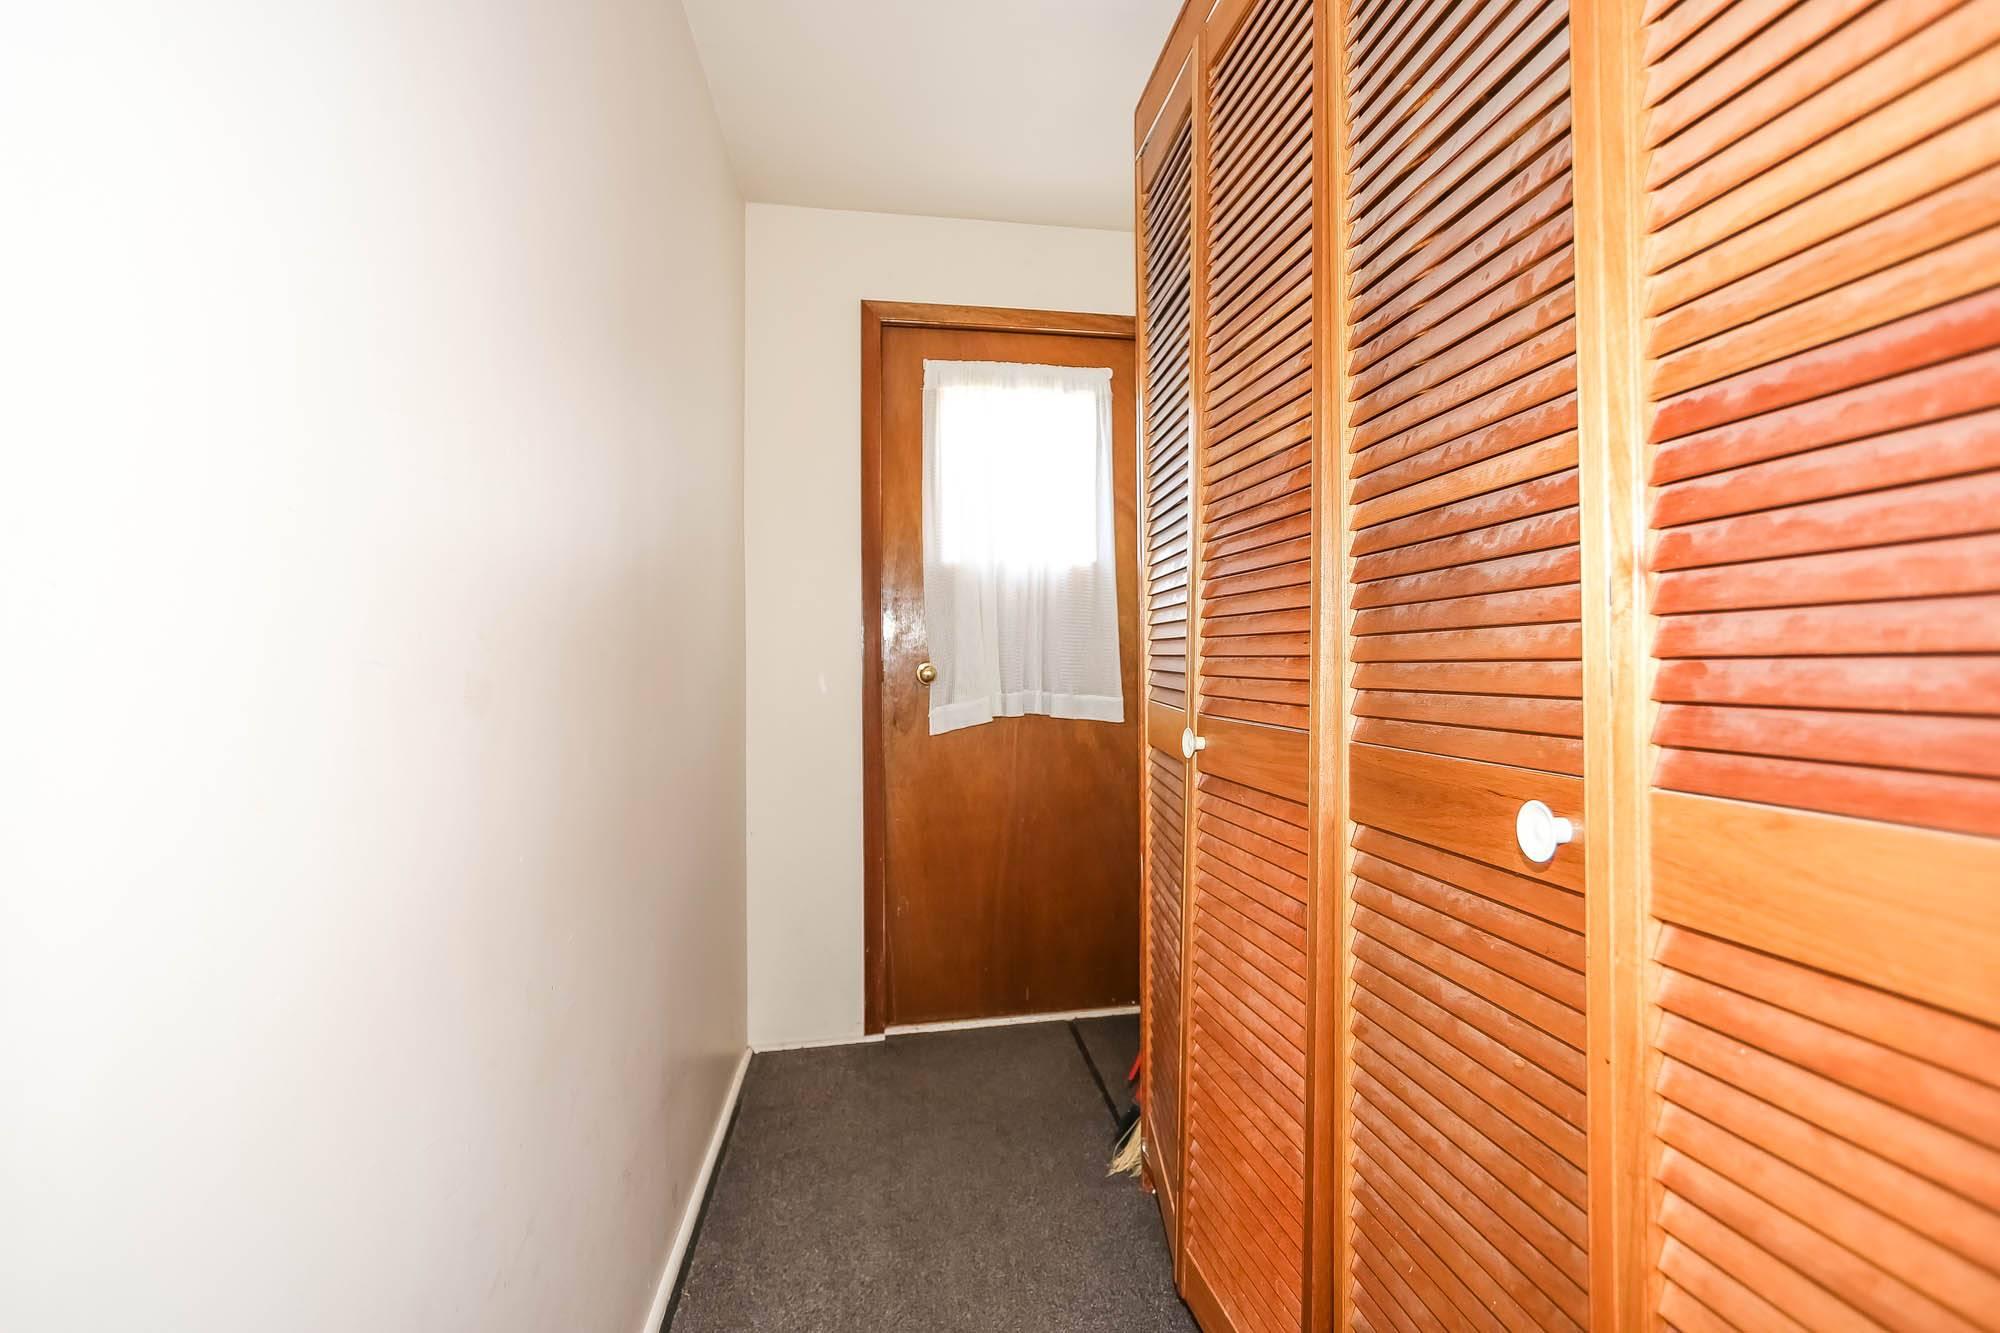 390 Banning, Winnipeg, Manitoba  R3G 2E5 - Photo 1 - 1914266